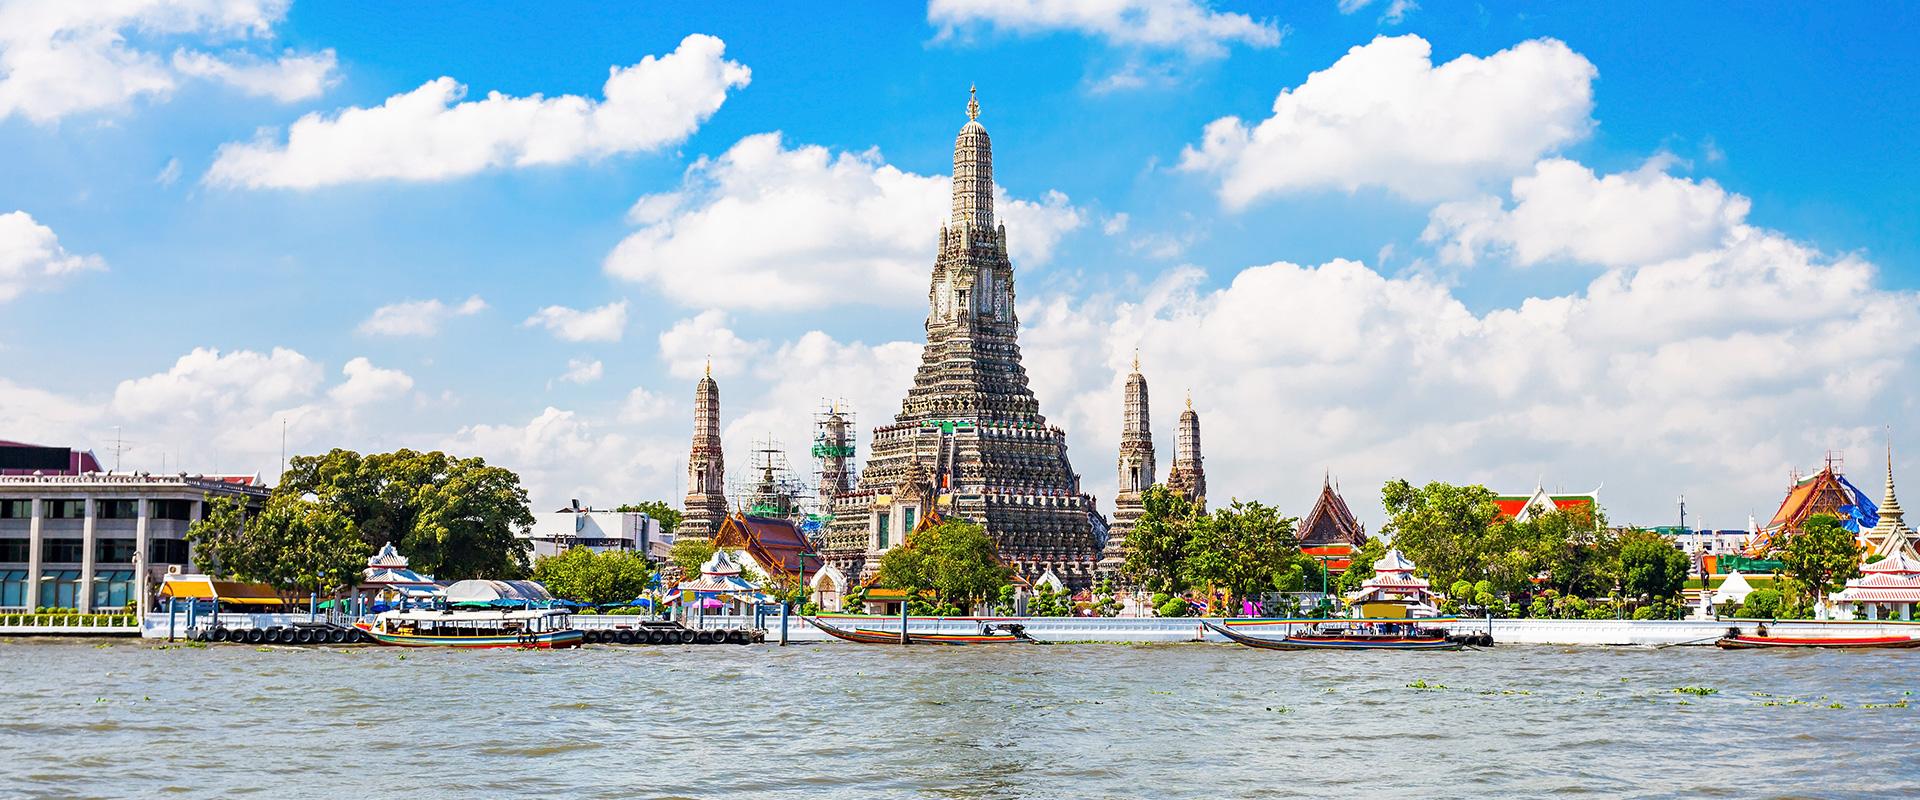 Tony Education Study in Thailand